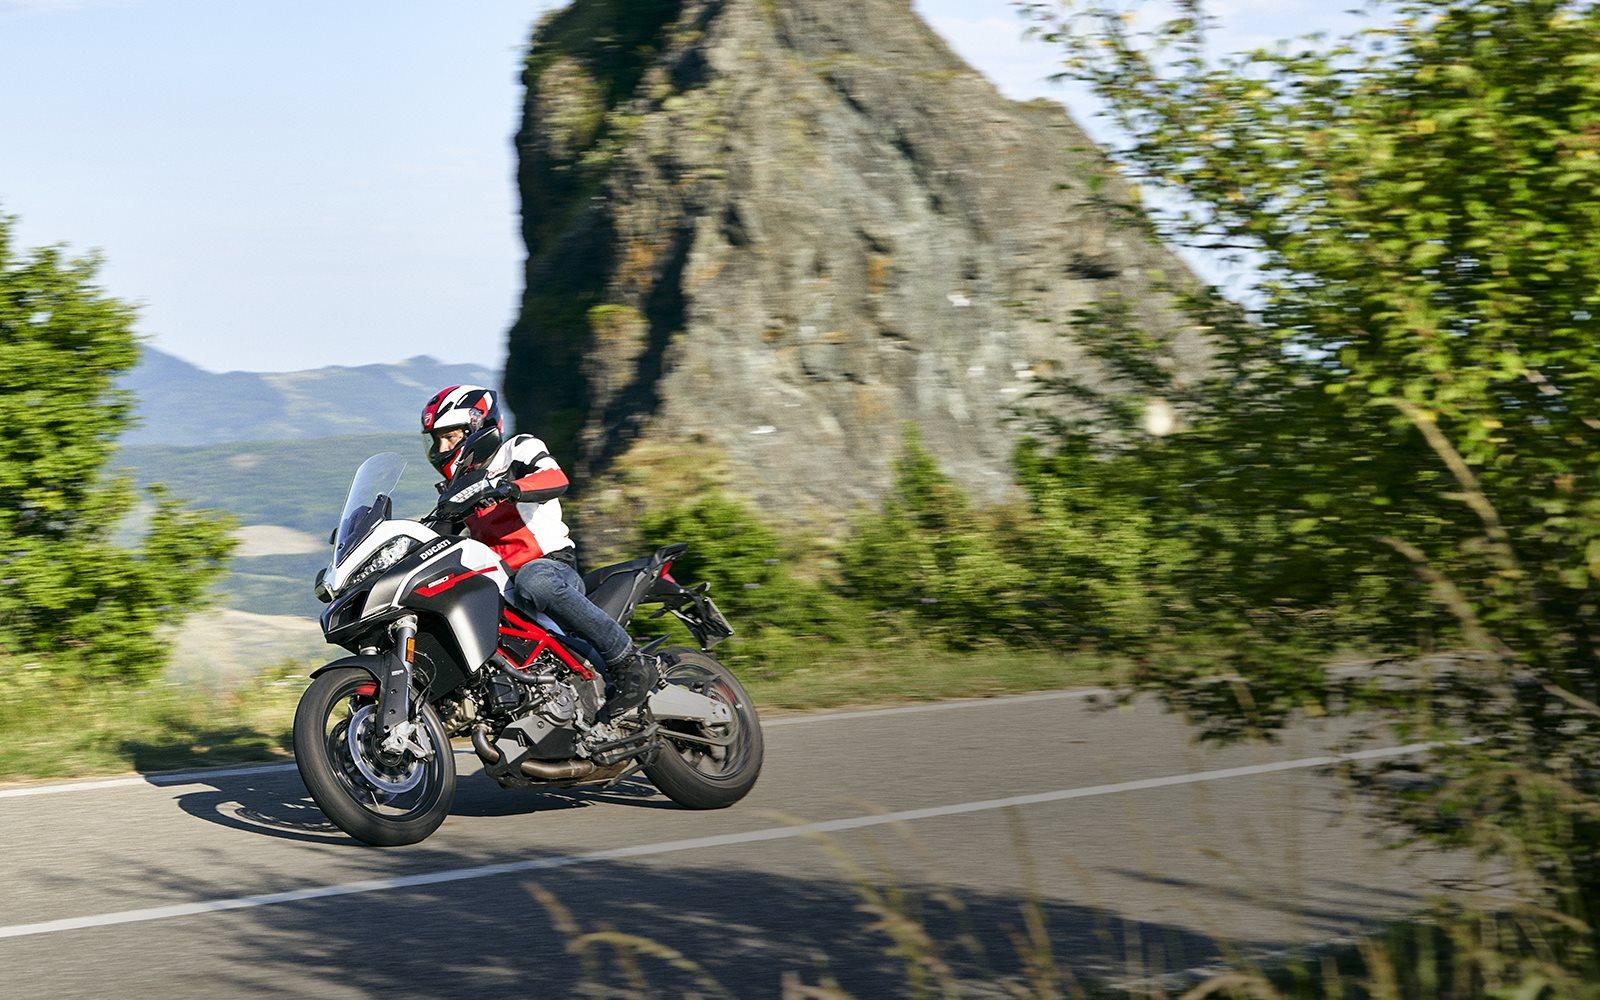 """Die Farbpalette der Multistrada 950 S führt die neue """"GP White""""-Lackierung ein, die von den MotoGP-Grafiken von Ducati inspiriert ist und der eleganten Linienführung des Motorrads einen sportlichen Touch verleiht."""